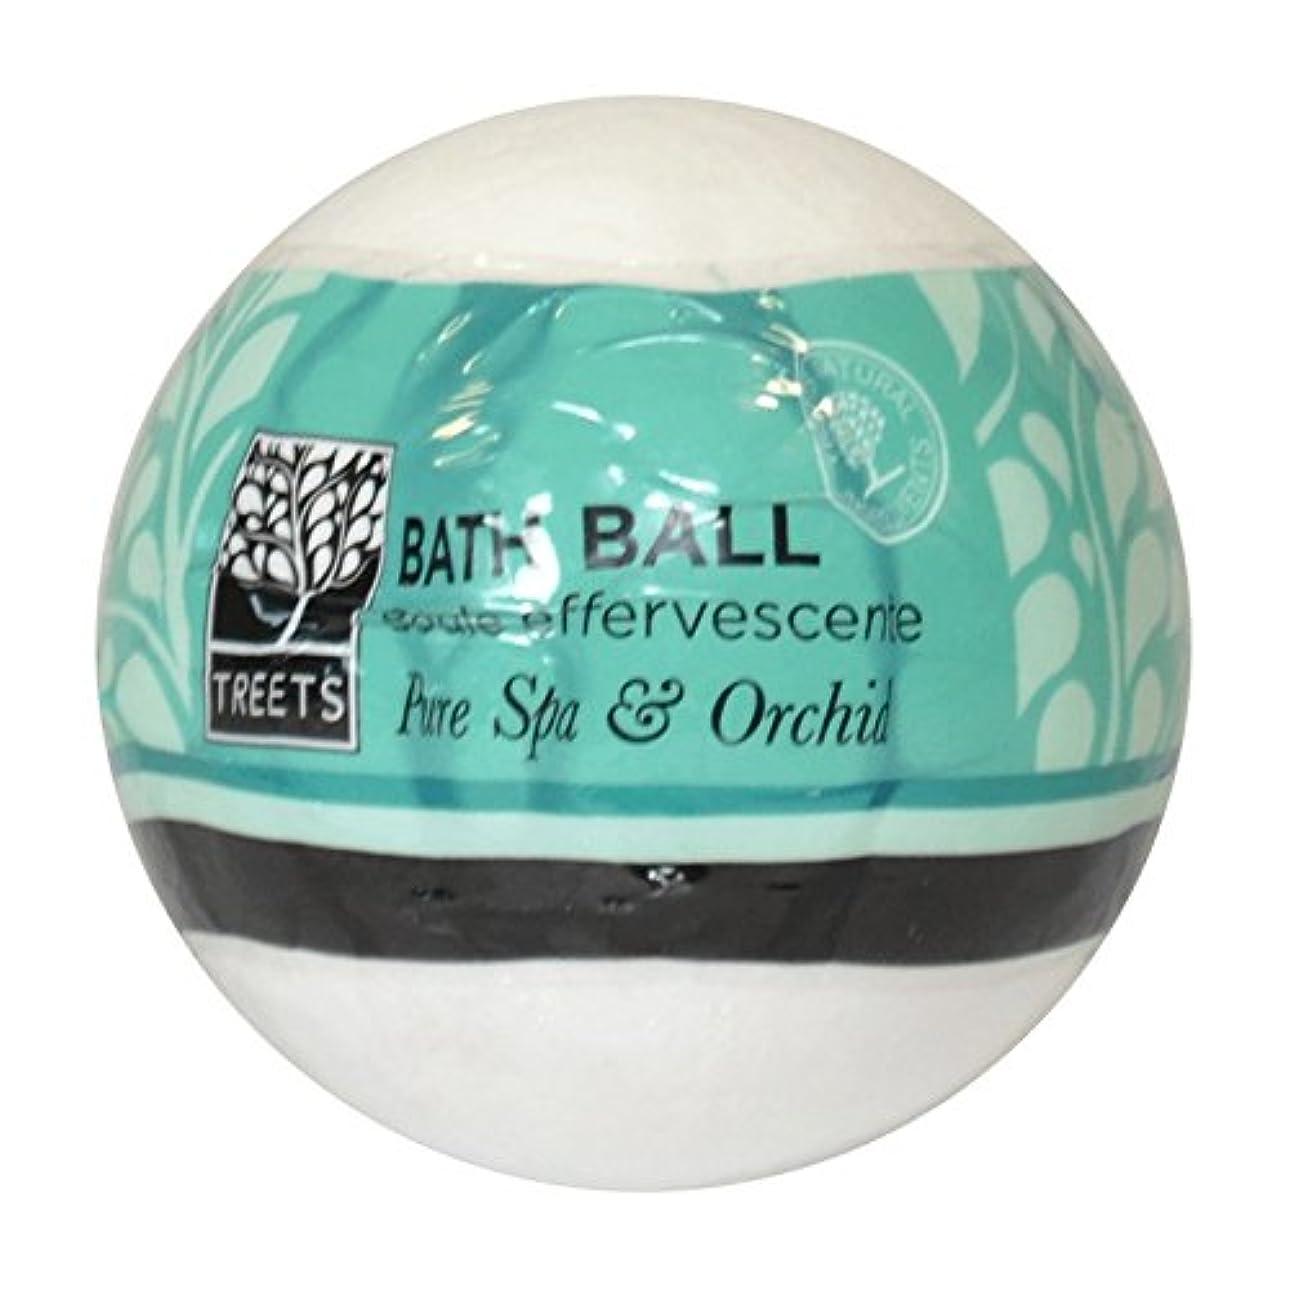 賢明な初心者慰めTreets蘭&純粋なスパバスボール - Treets Orchid & Pure Spa Bath Ball (Treets) [並行輸入品]